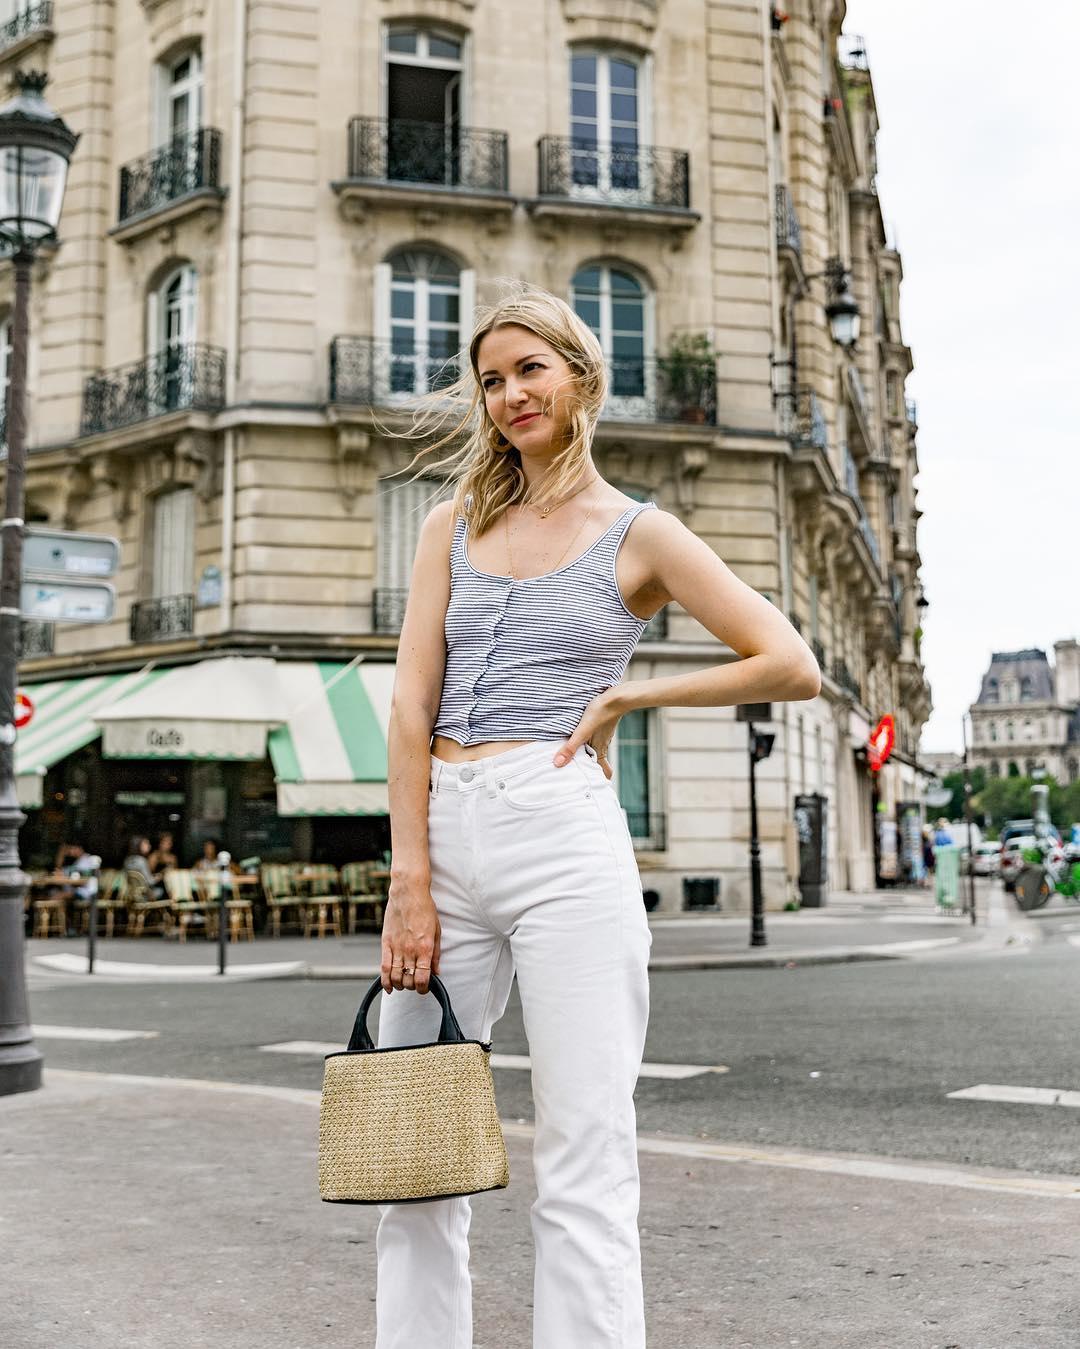 quần jeans trắng và áo ba lỗ kẻ ngang